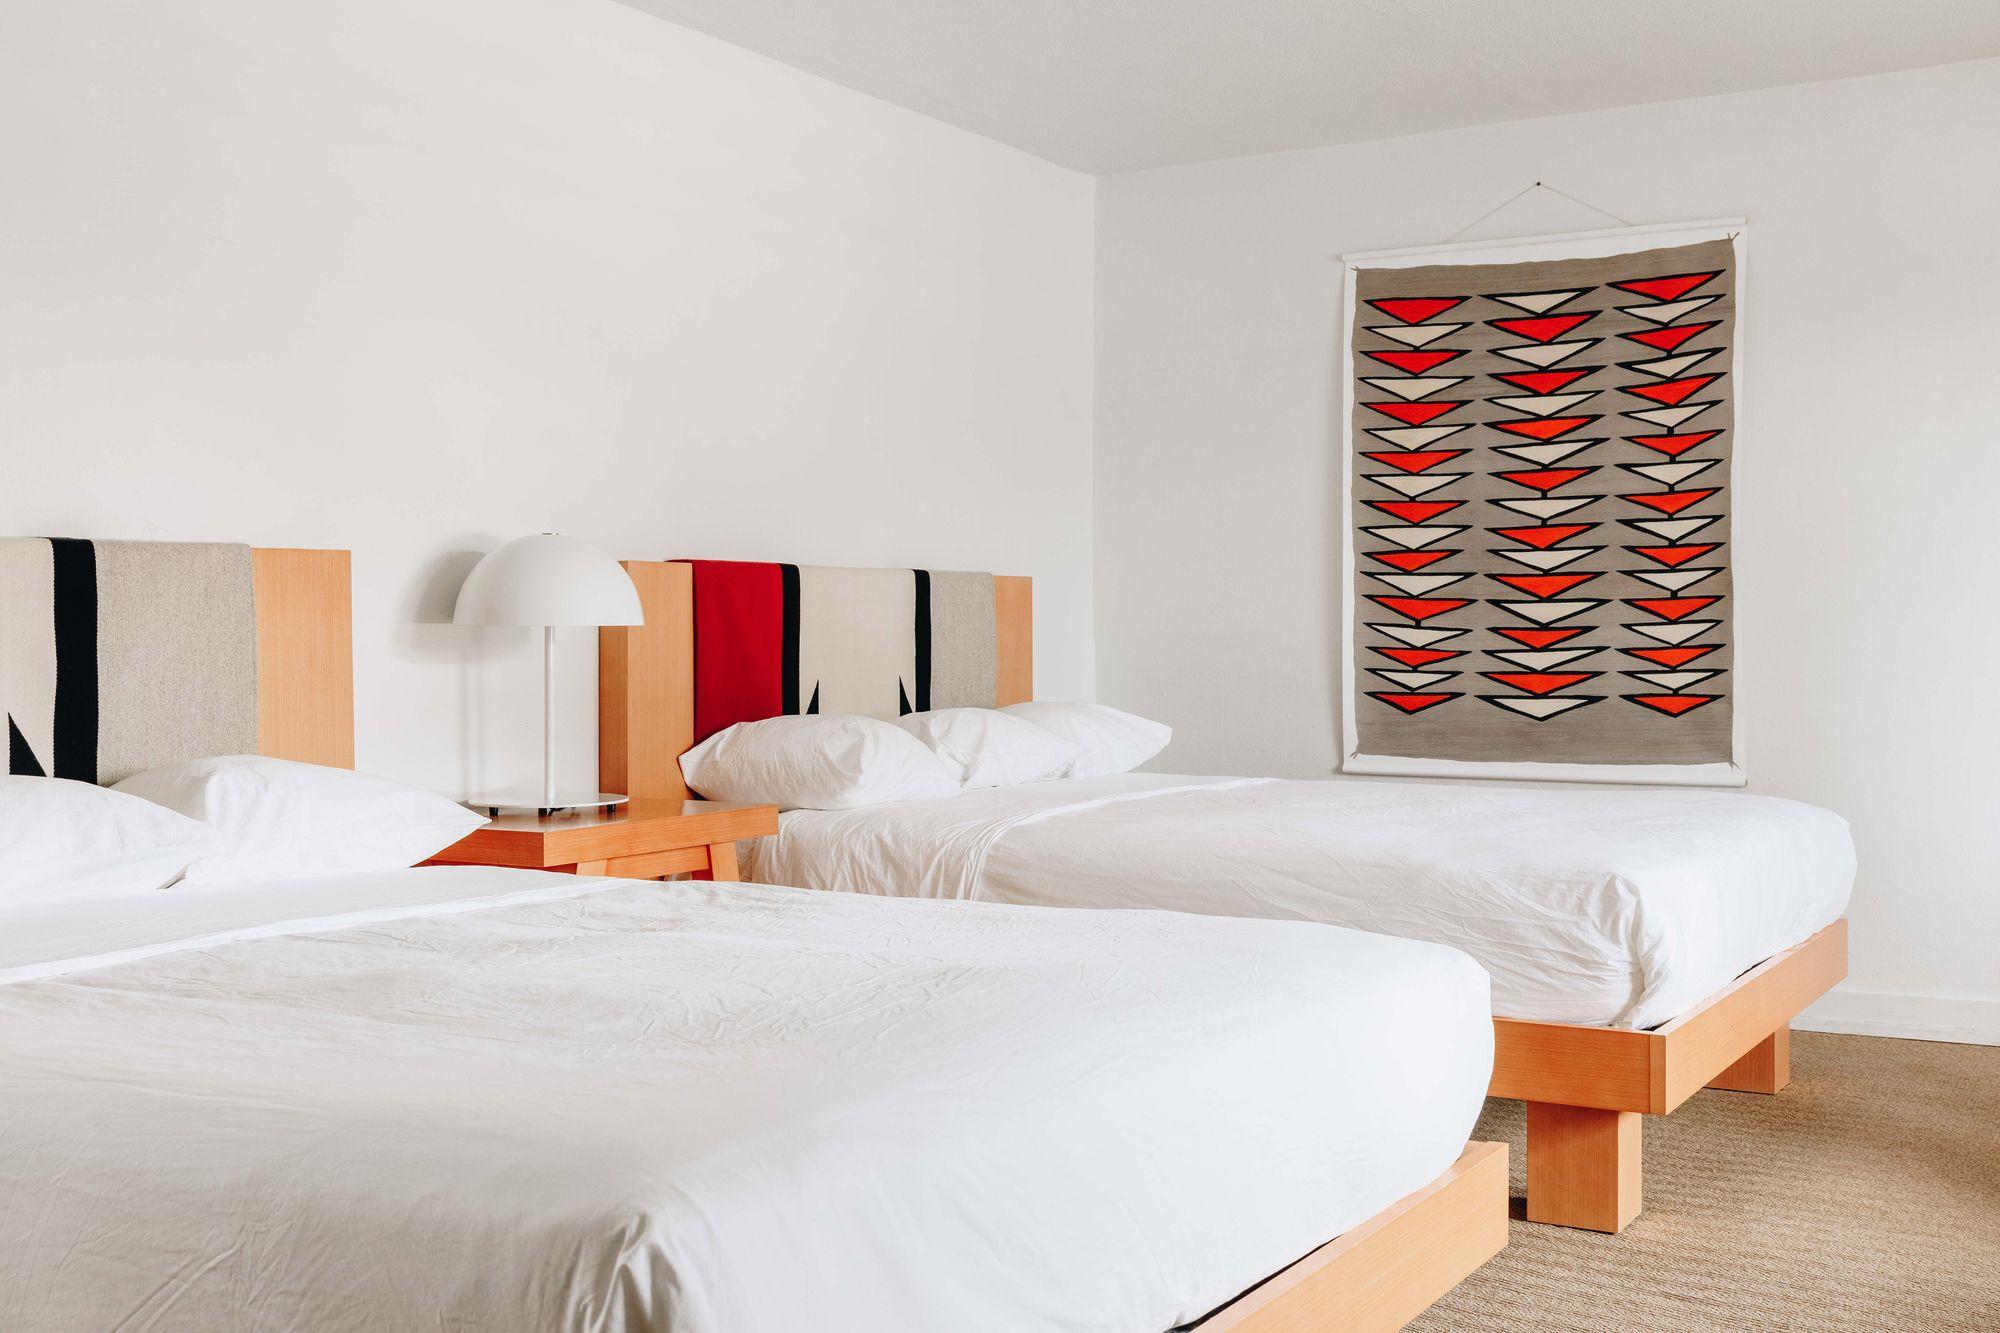 El_Rey_rooms-18_v1_current-min.jpg